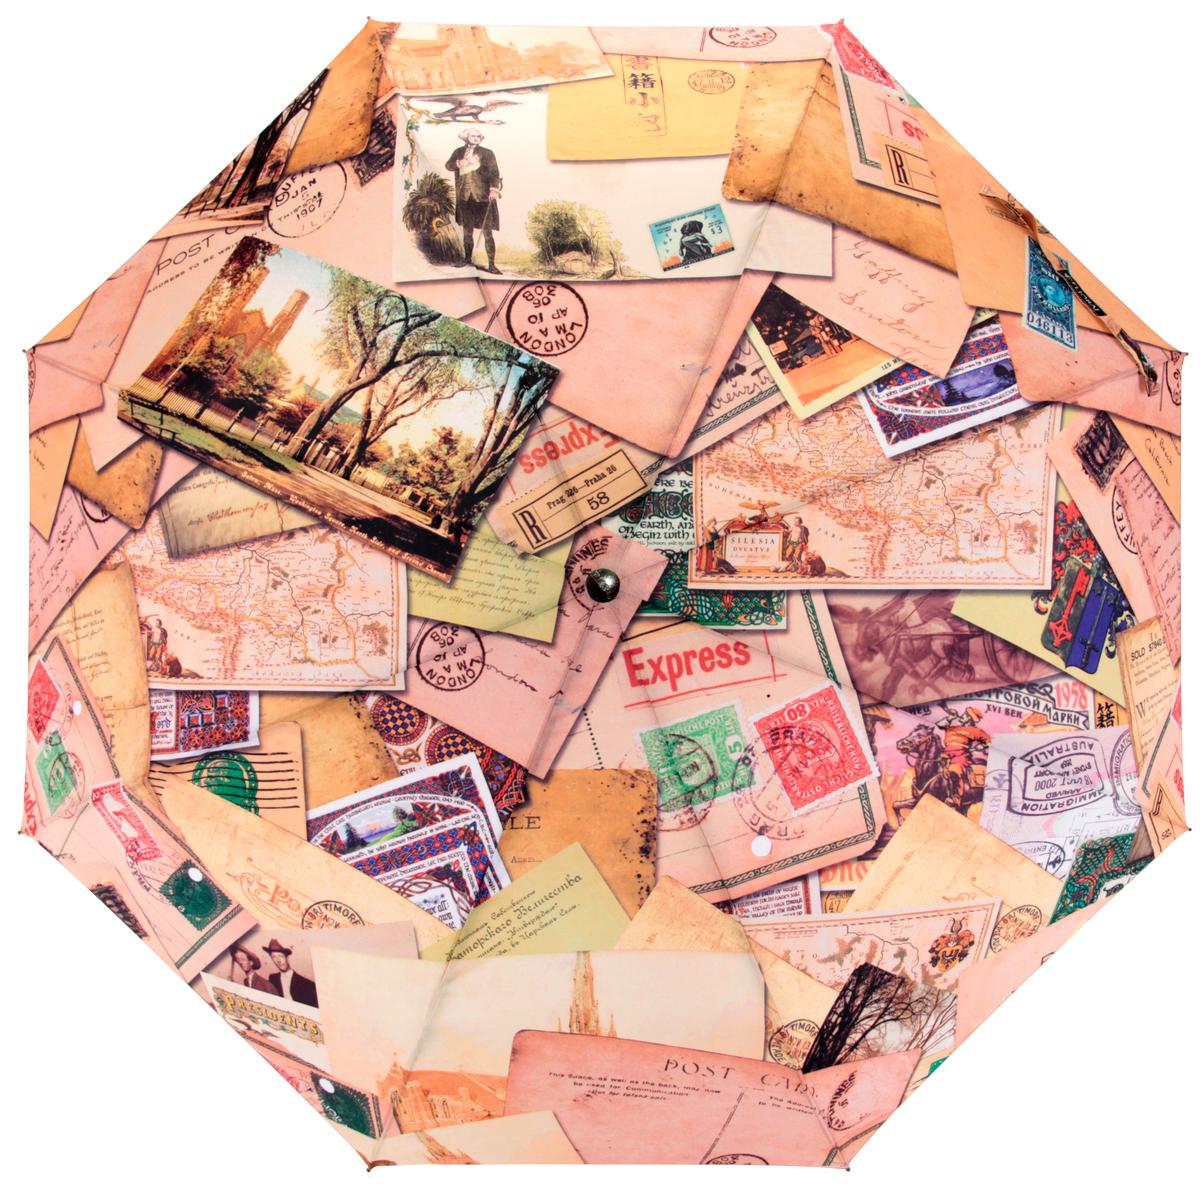 Зонт женский Flioraj Почтовые конверты, автомат, 3 сложения, бежевый, желтый014-47 FJСтильный автоматический зонт Flioraj Почтовые конверты в 3 сложения даже в ненастную погоду позволит вам оставаться стильной и элегантной. Каркас зонта из анодированной стали состоит из восьми карбоновых спиц, оснащен удобной прорезиненной рукояткой. Карбоновые спицы помогут выдержать натиск ураганного ветра. Зонт снабжен системой антиветер. Зонт имеет полный автоматический механизм сложения: купол открывается и закрывается нажатием кнопки на рукоятке, стержень складывается вручную до характерного щелчка, благодаря чему открыть и закрыть зонт можно одной рукой, что чрезвычайно удобно при входе в транспорт или помещение. Купол зонта выполнен из прочного полиэстера и оформлен изображением почтовых конвертов и открыток. Закрытый купол фиксируется хлястиком на кнопке. На рукоятке для удобства есть небольшая эластичная петля, позволяющая надеть зонт на руку тогда, когда это будет необходимо. К зонту прилагается чехол.